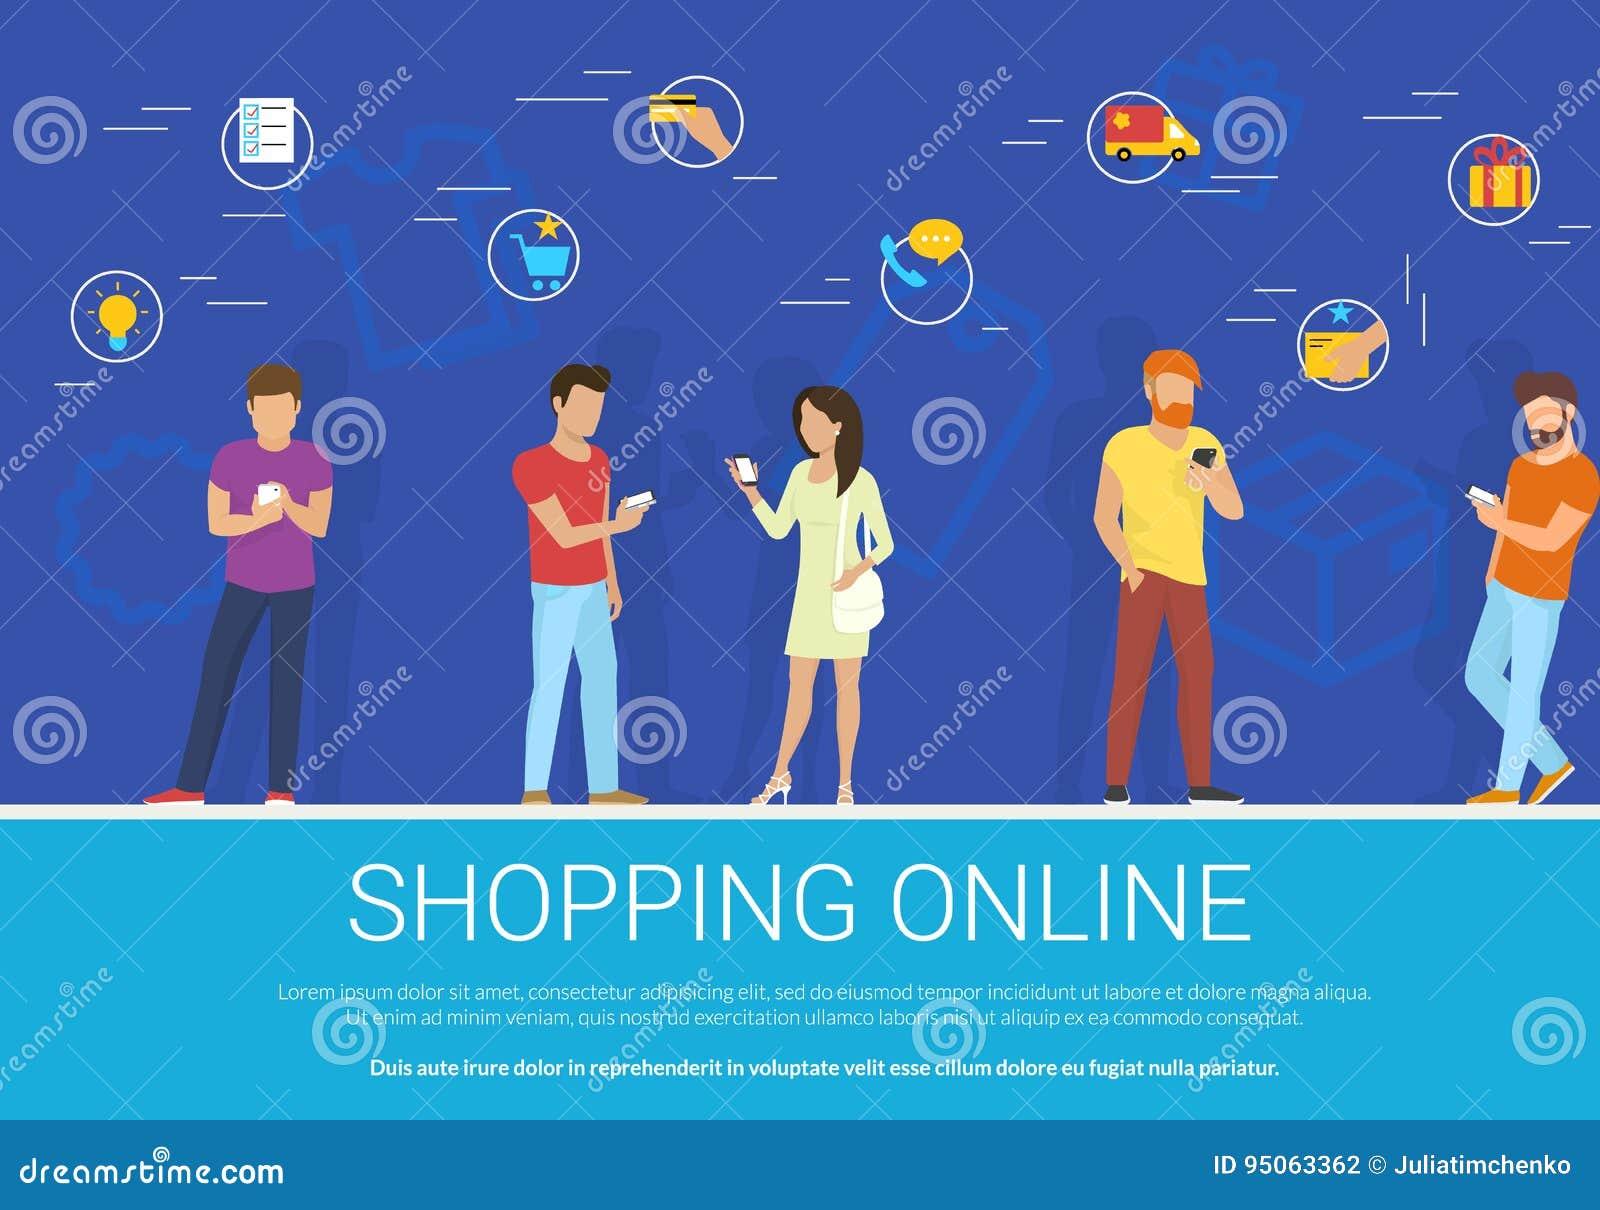 Ходя по магазинам онлайн концепция vector иллюстрация группы людей используя передвижной smartphone для покупать товары